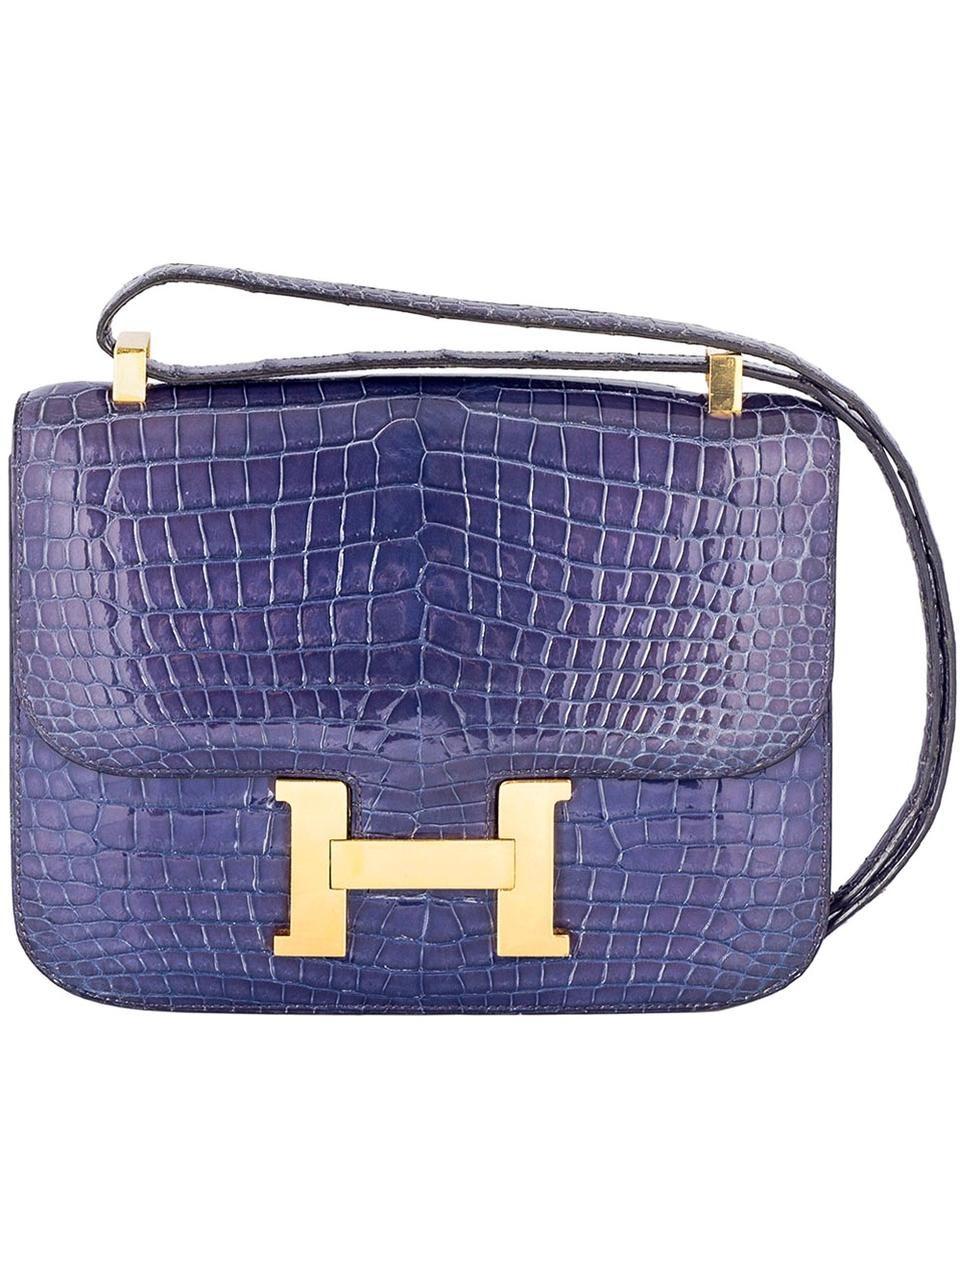 Hermès Vintage 'Constance' shoulder bag